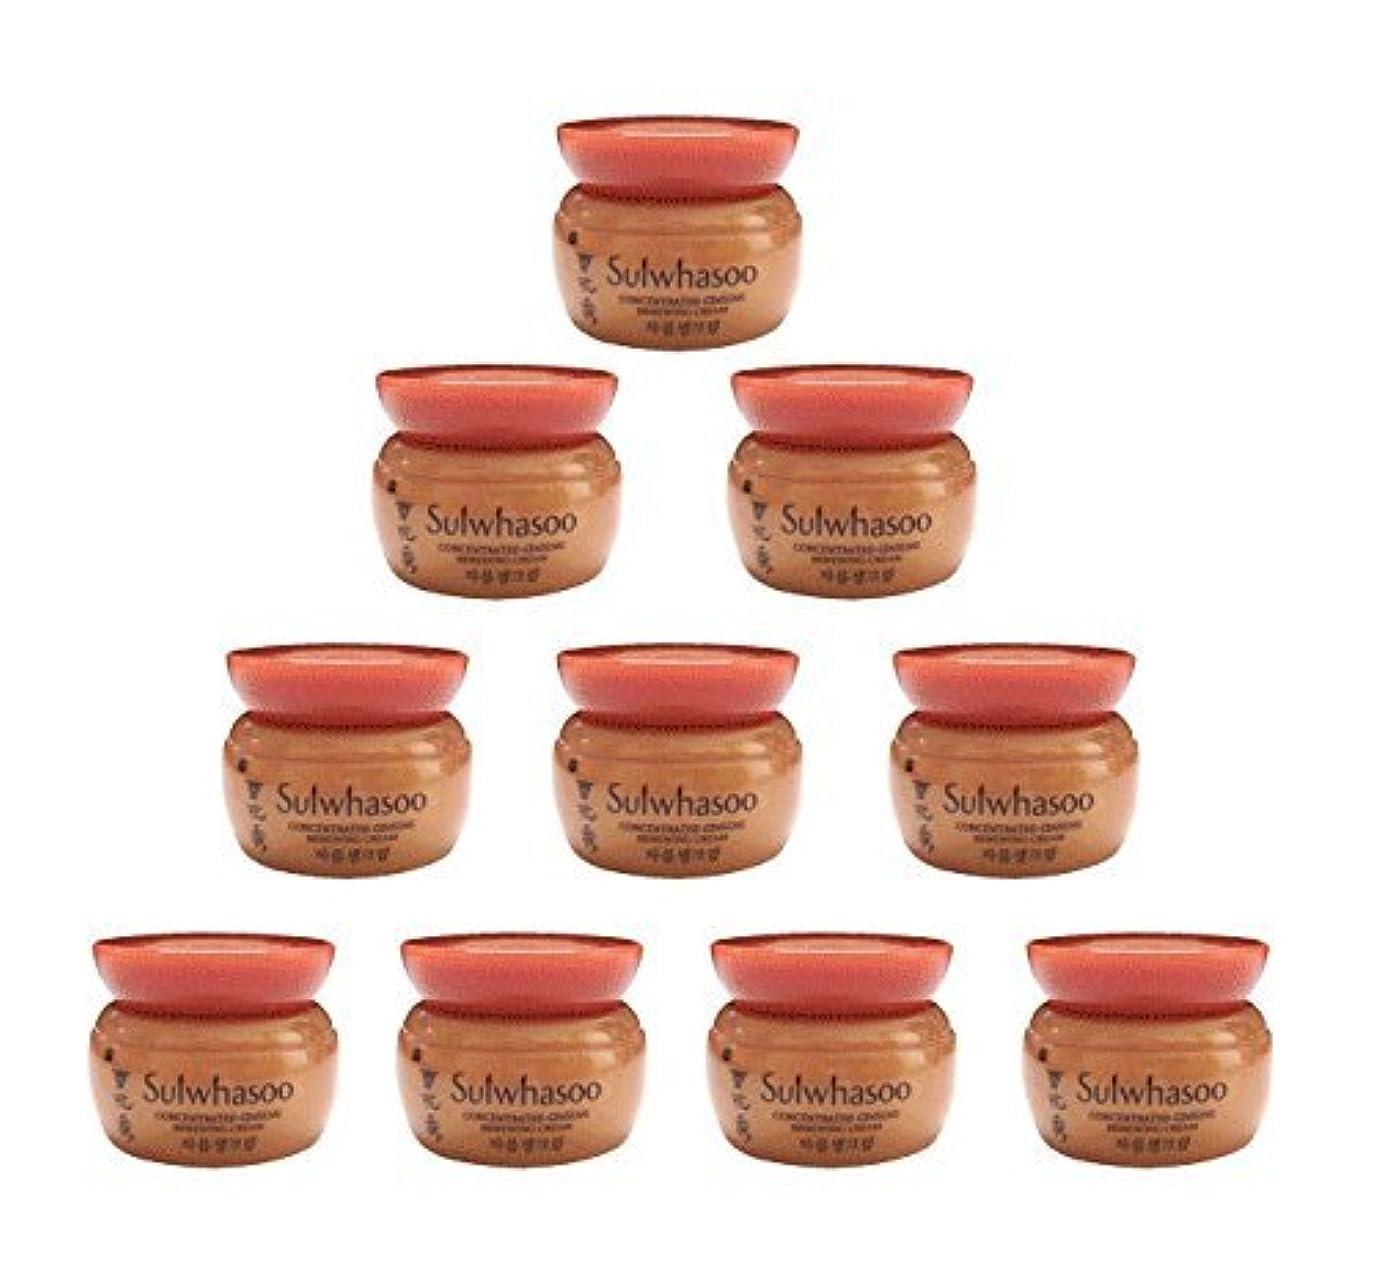 銀エレベーター旅【ソルファス 雪花秀 Sulwhasoo】 Concentrated Ginseng Renewing Cream(50ml) 5ml x 10個 韓国化粧品 ブランドのサンプル [並行輸入品]